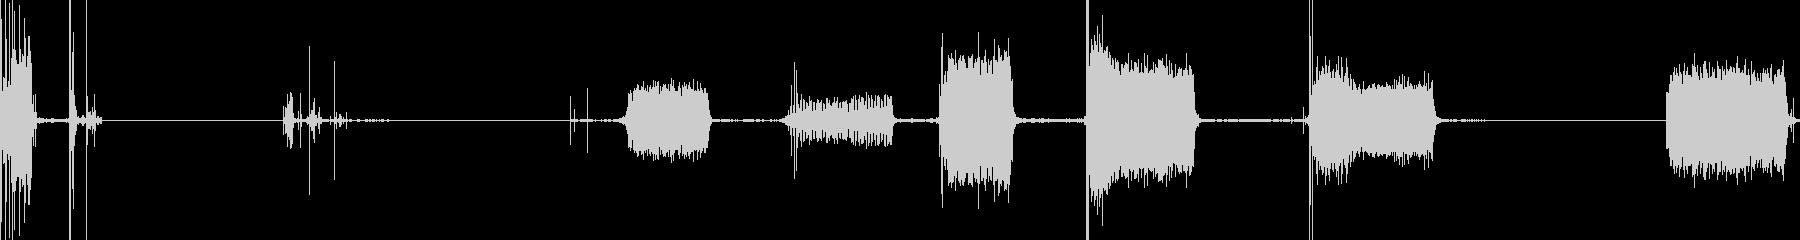 電動リフト:クイックリフト調整、5...の未再生の波形